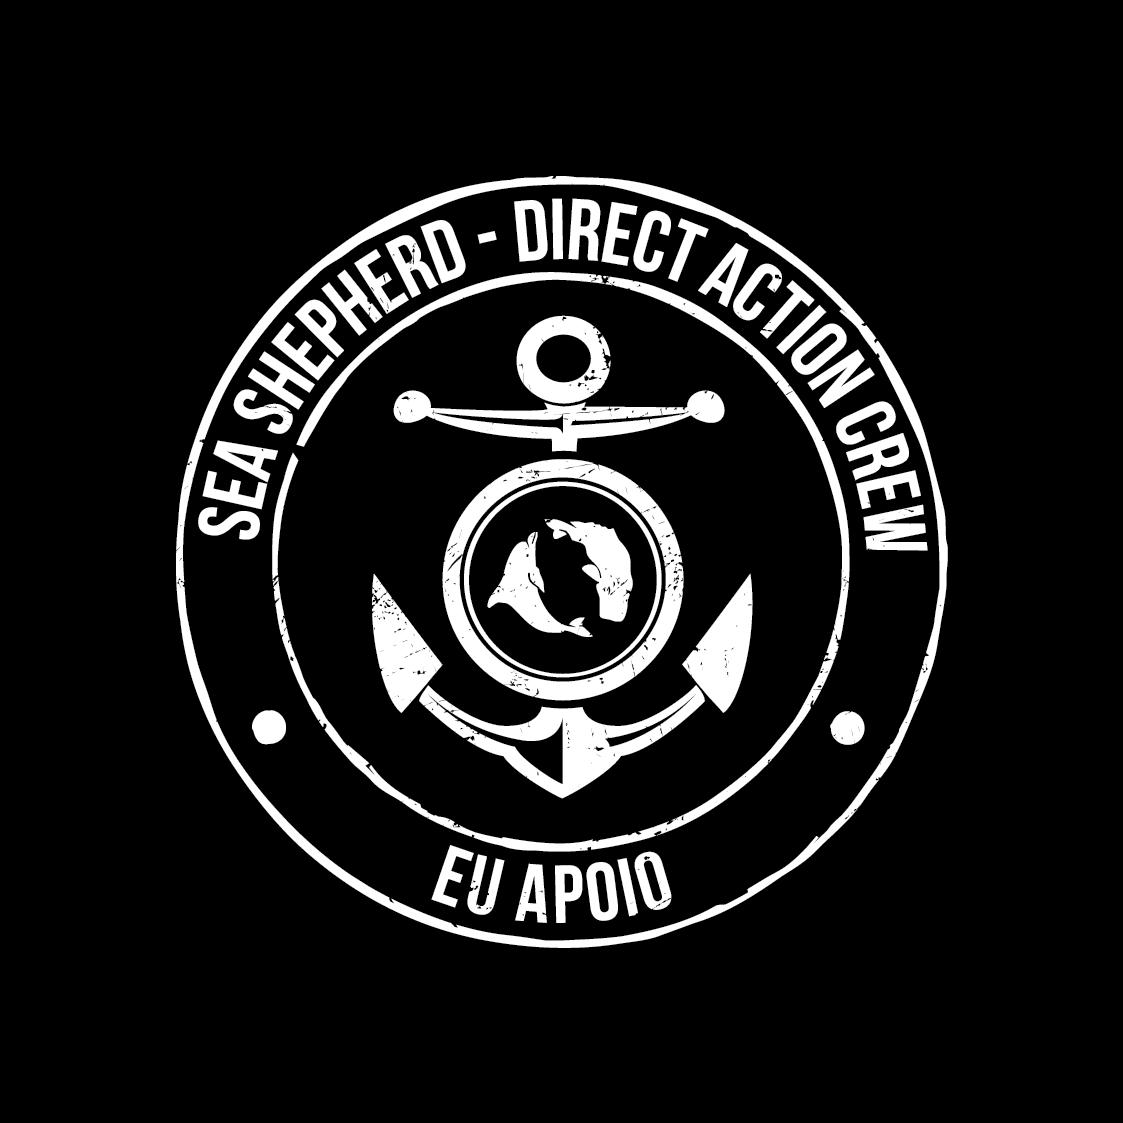 Logo Sea Shepherd - Direct Action Crew - Eu Apoio